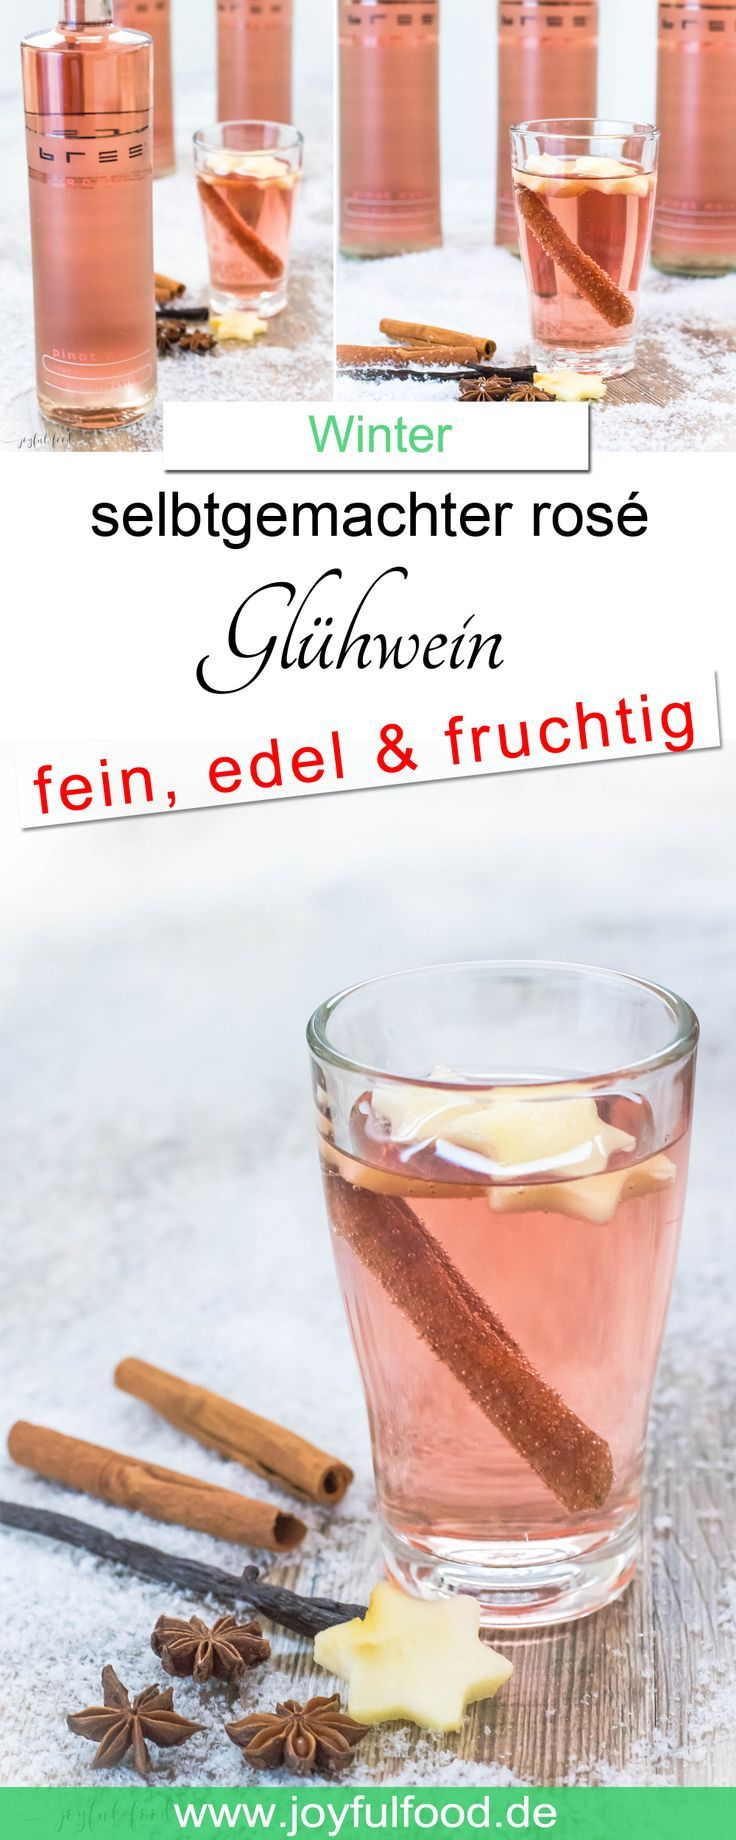 Rosé Glühwein fein und edel mit Bree Wein   Joyful Food